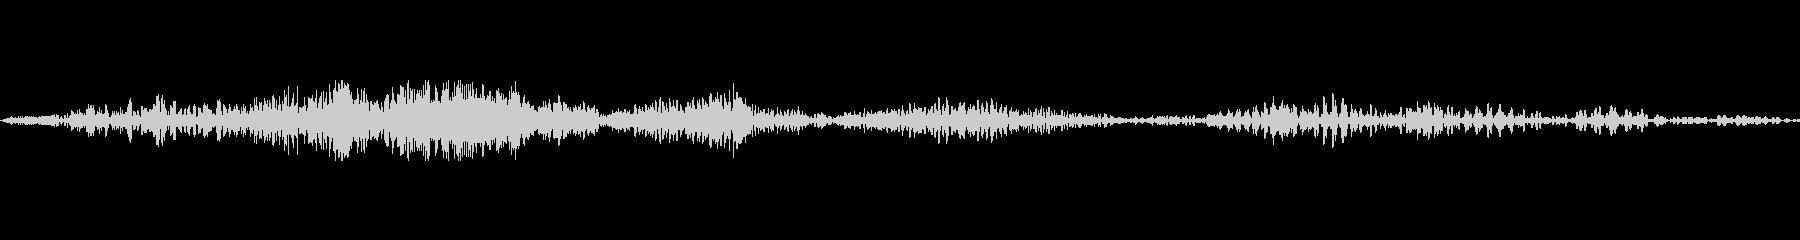 ポリフォニックブーメランV.2クリ...の未再生の波形